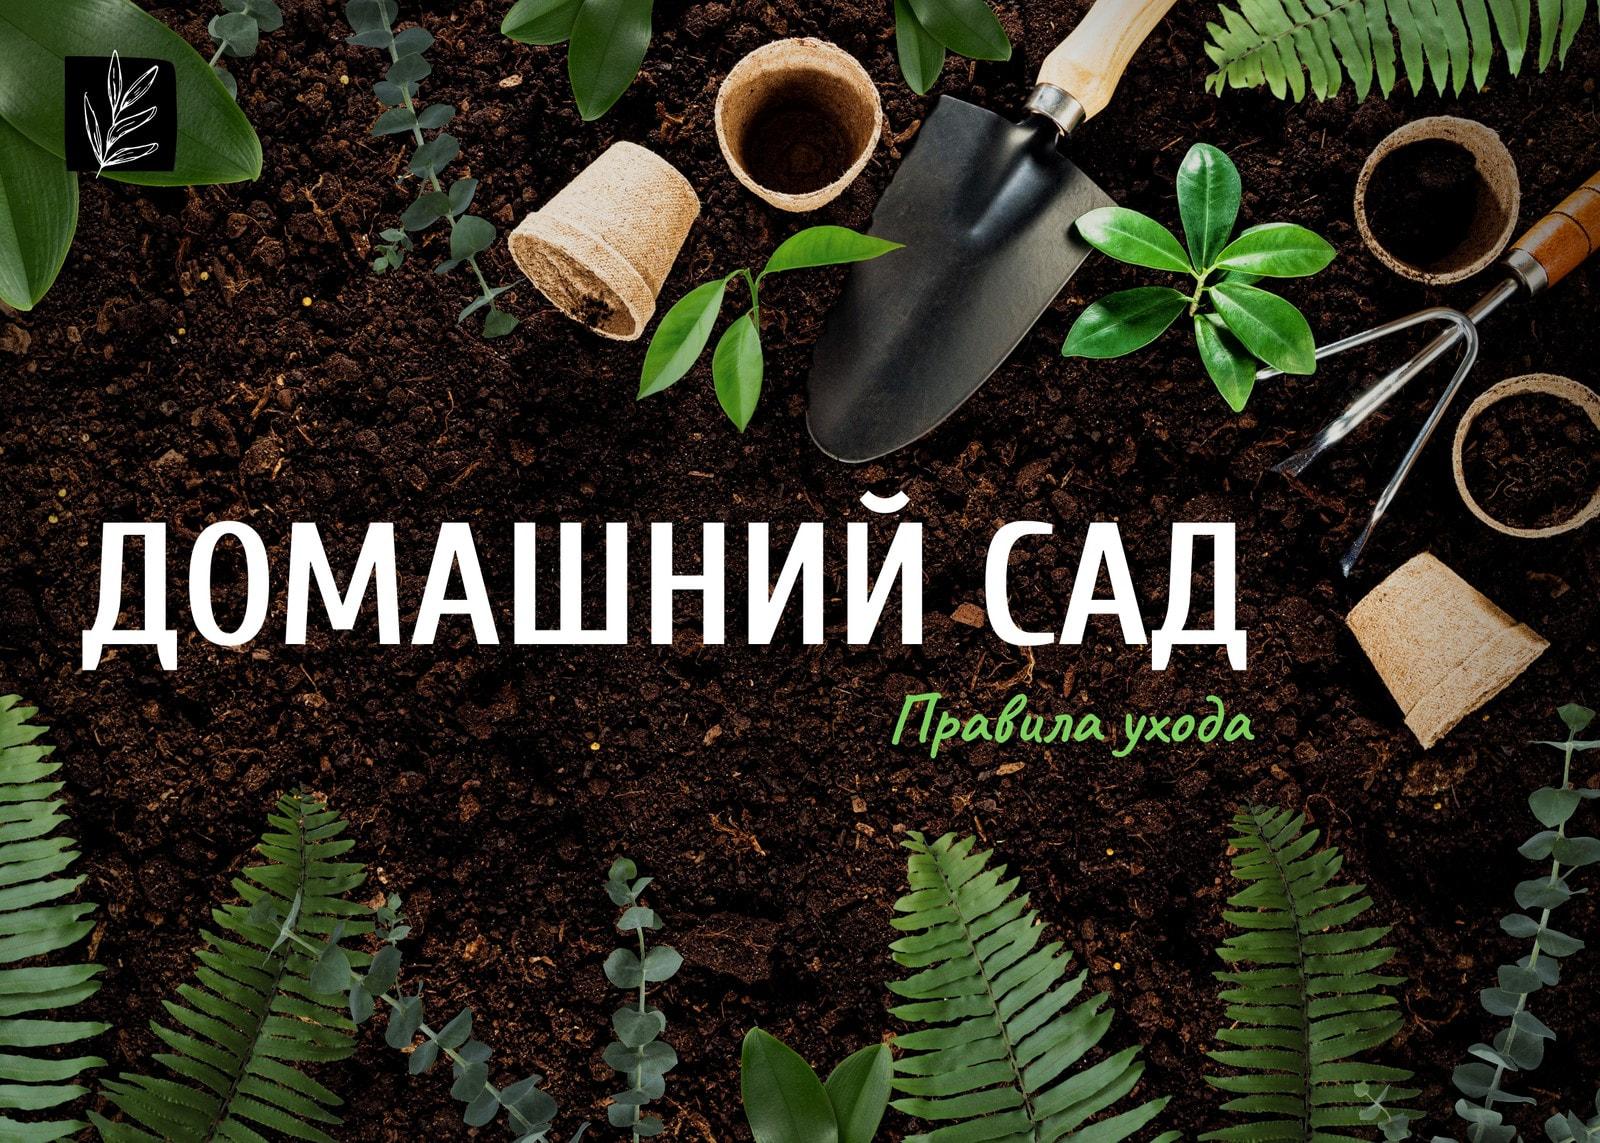 Зеленая публикация в ВК об уходе за садом